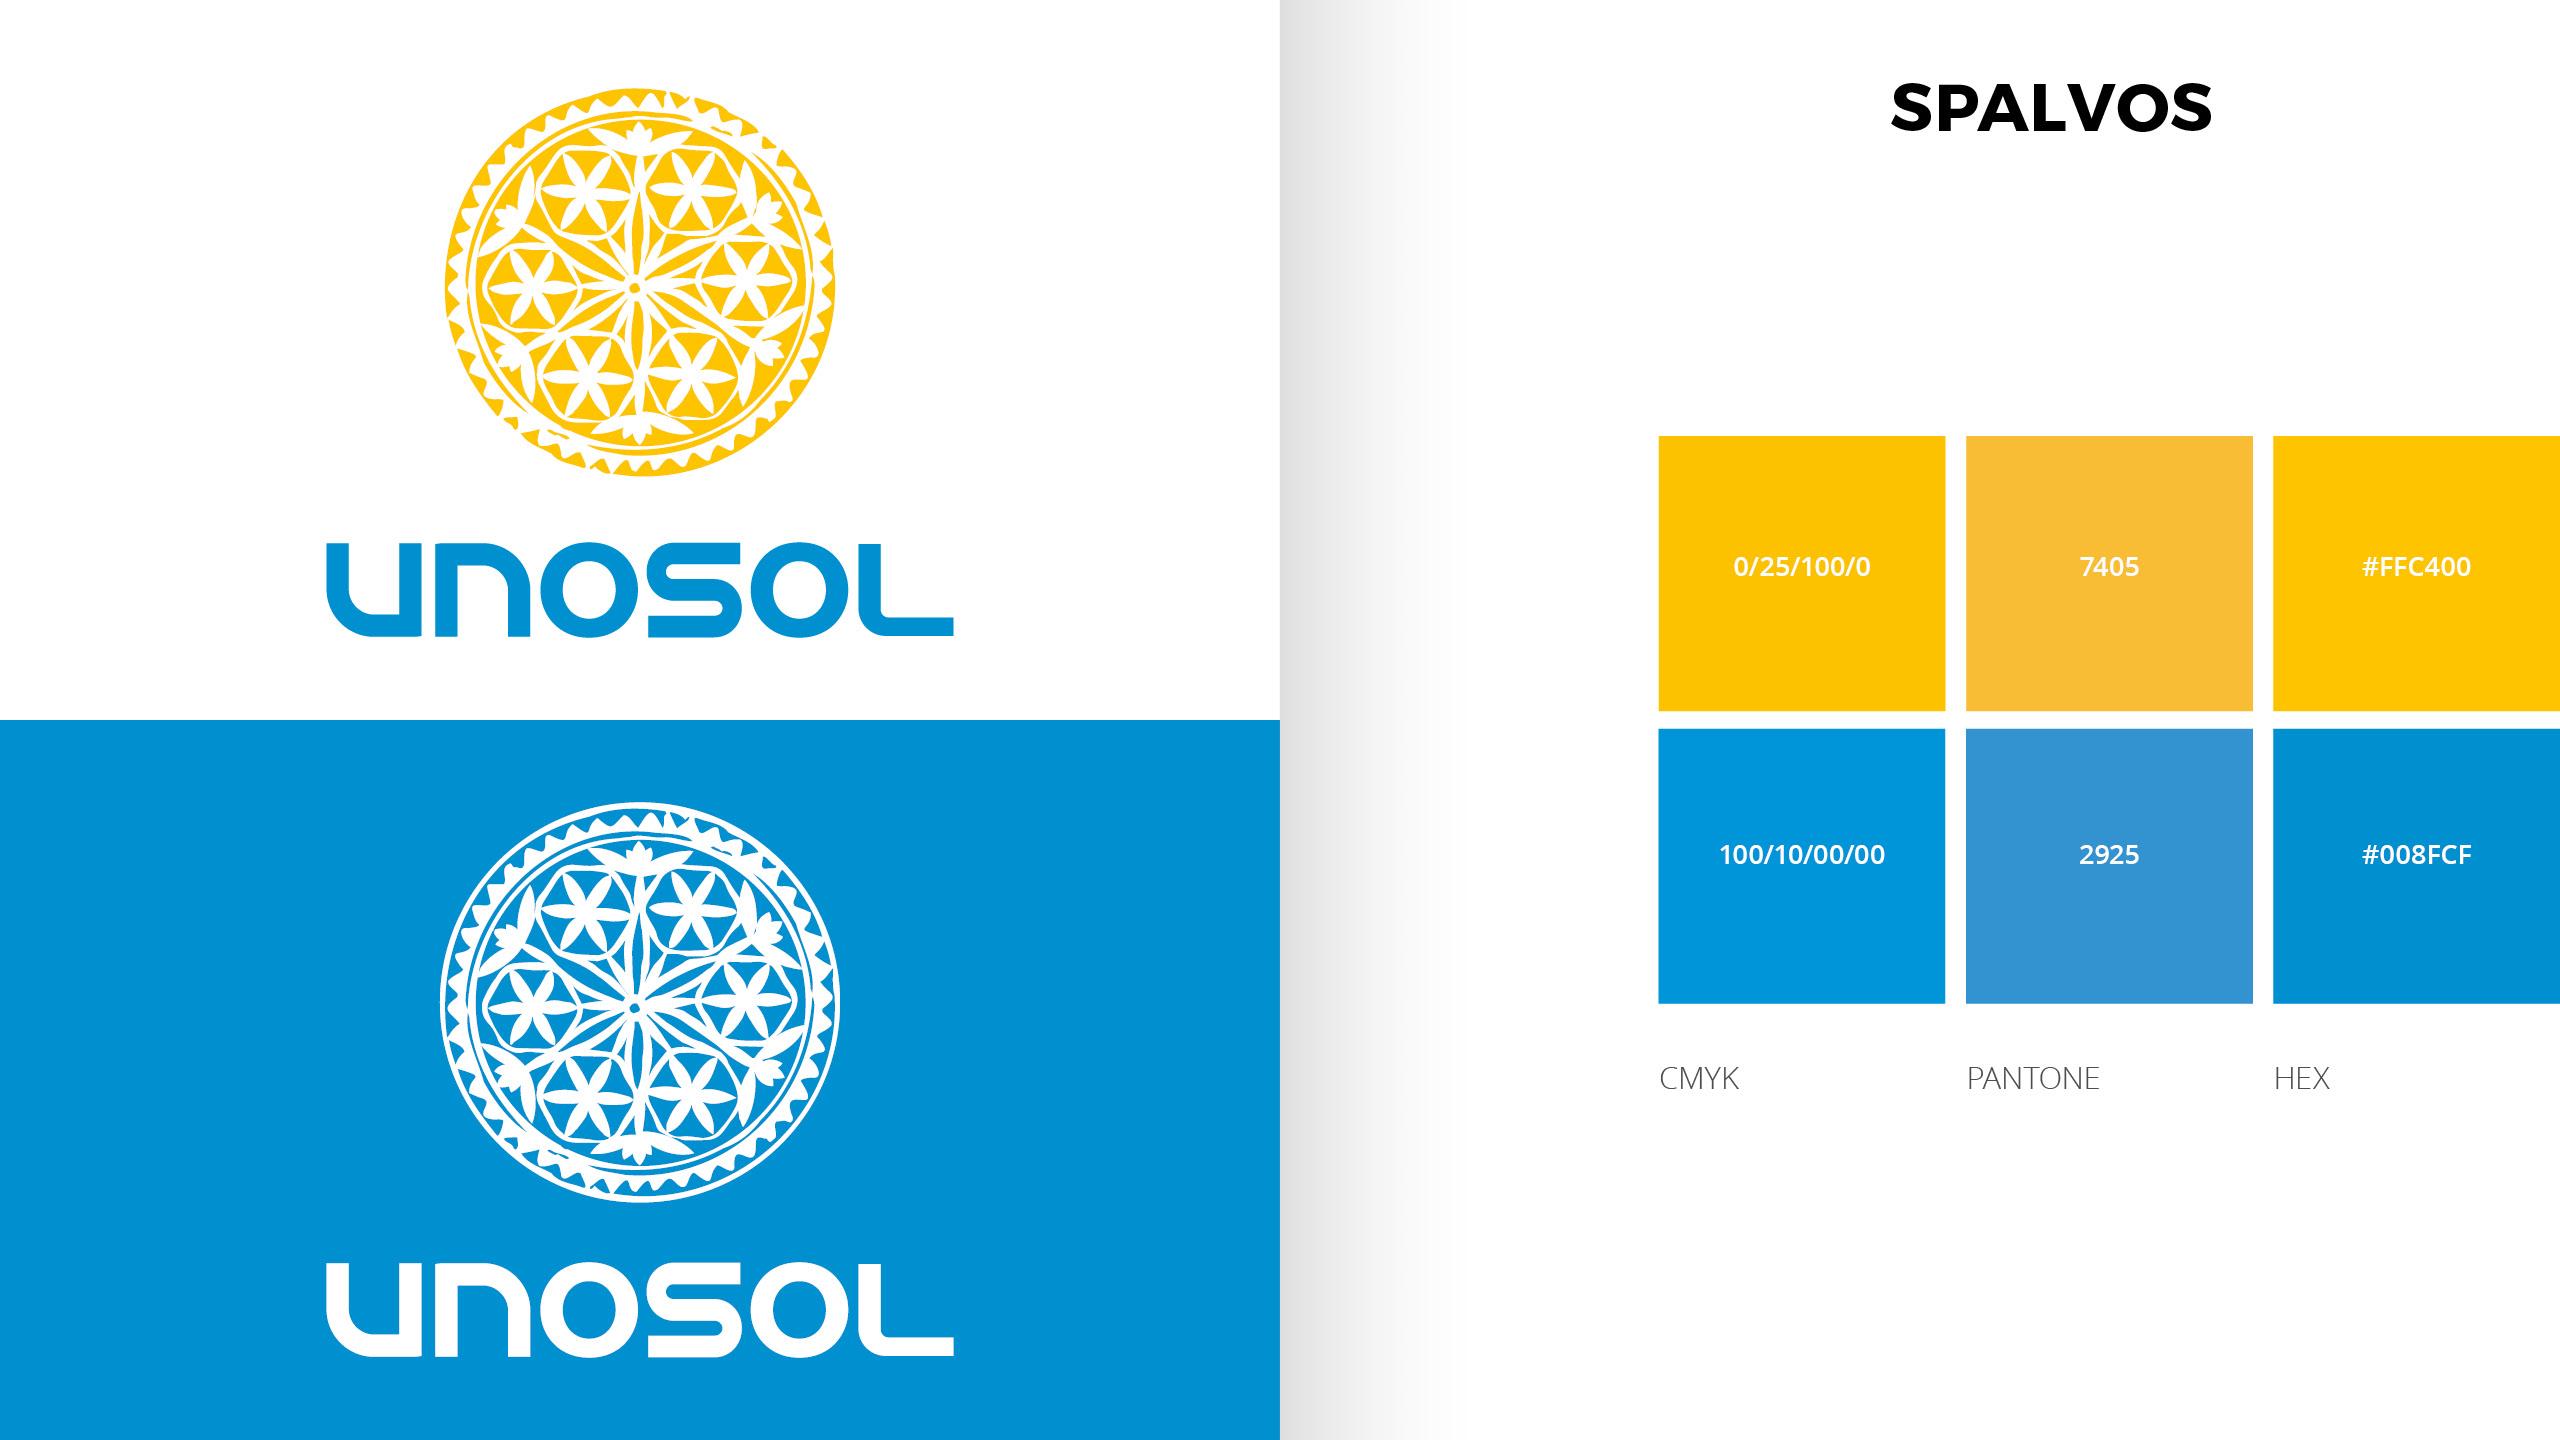 UNOSOL Vizualinio Identiteto vadovas 5 / Logobou design